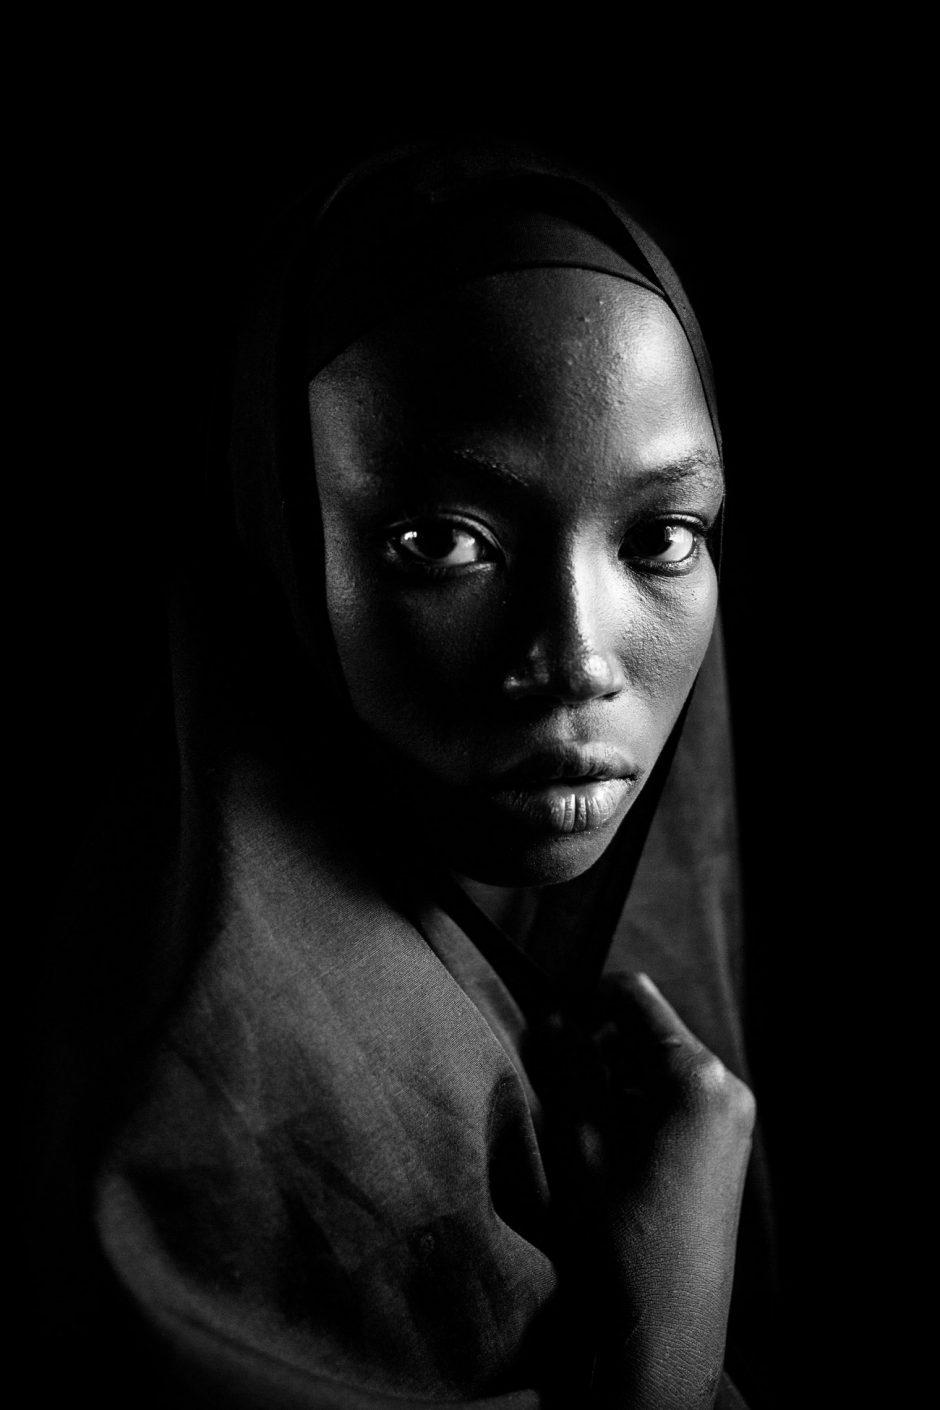 Andy Spyra, erschienen im »Zeit Magazin 34/15« zum Artikel »Das Leben nach der Hölle« und in »Der Spiegel 17/16« zum Artikel »Bomben in bunten Gewändern«, nominiert für einen LeadAward in der Kategorie »Porträtfotografie des Jahres«